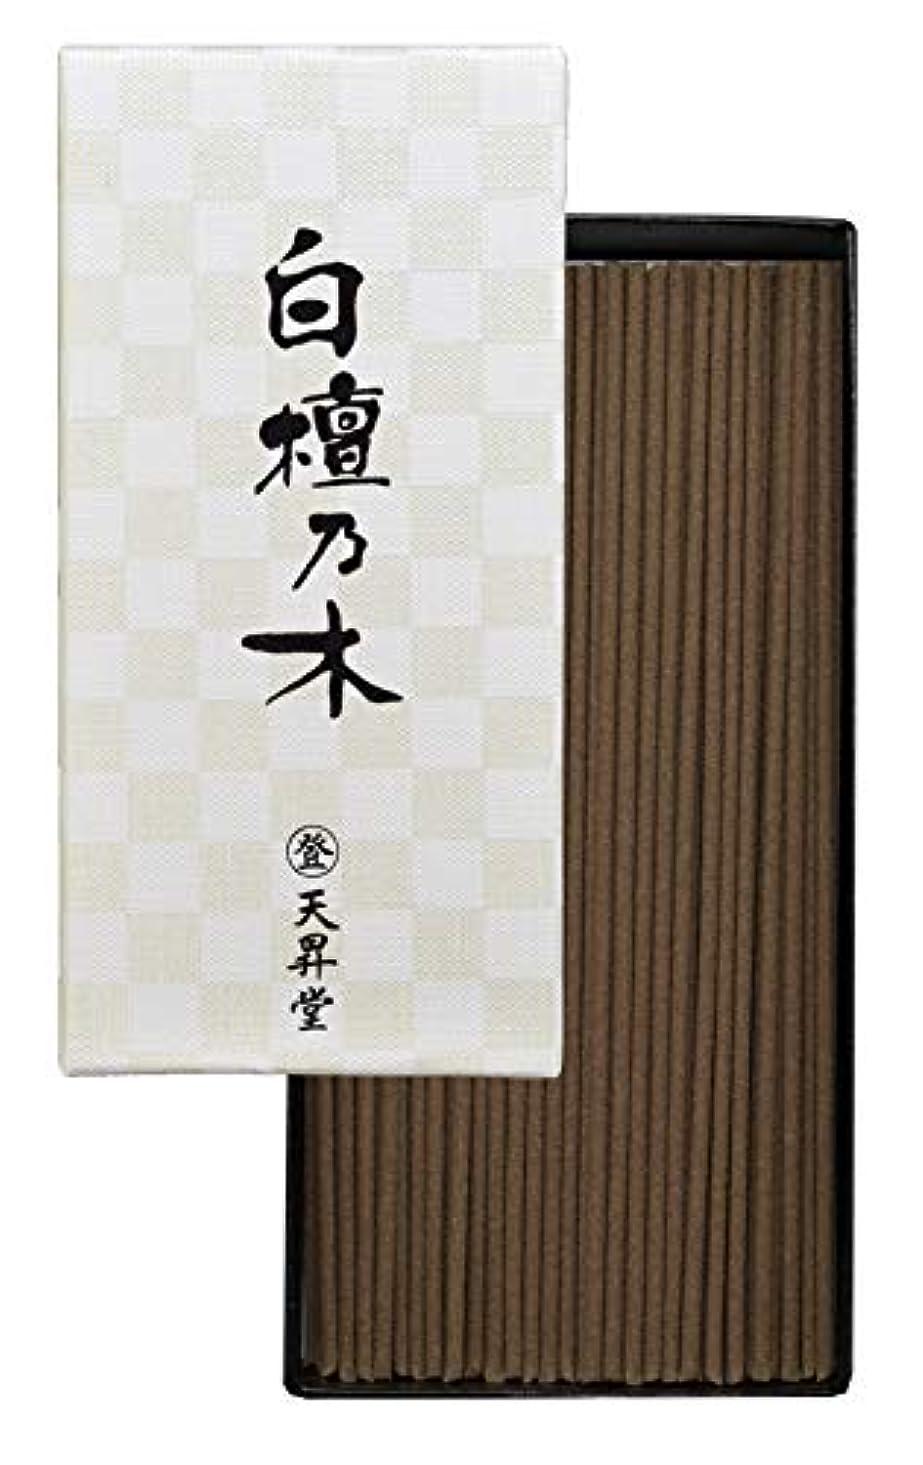 経済言語イヤホン天昇堂のお線香 白檀乃木 バラ詰め 約40g